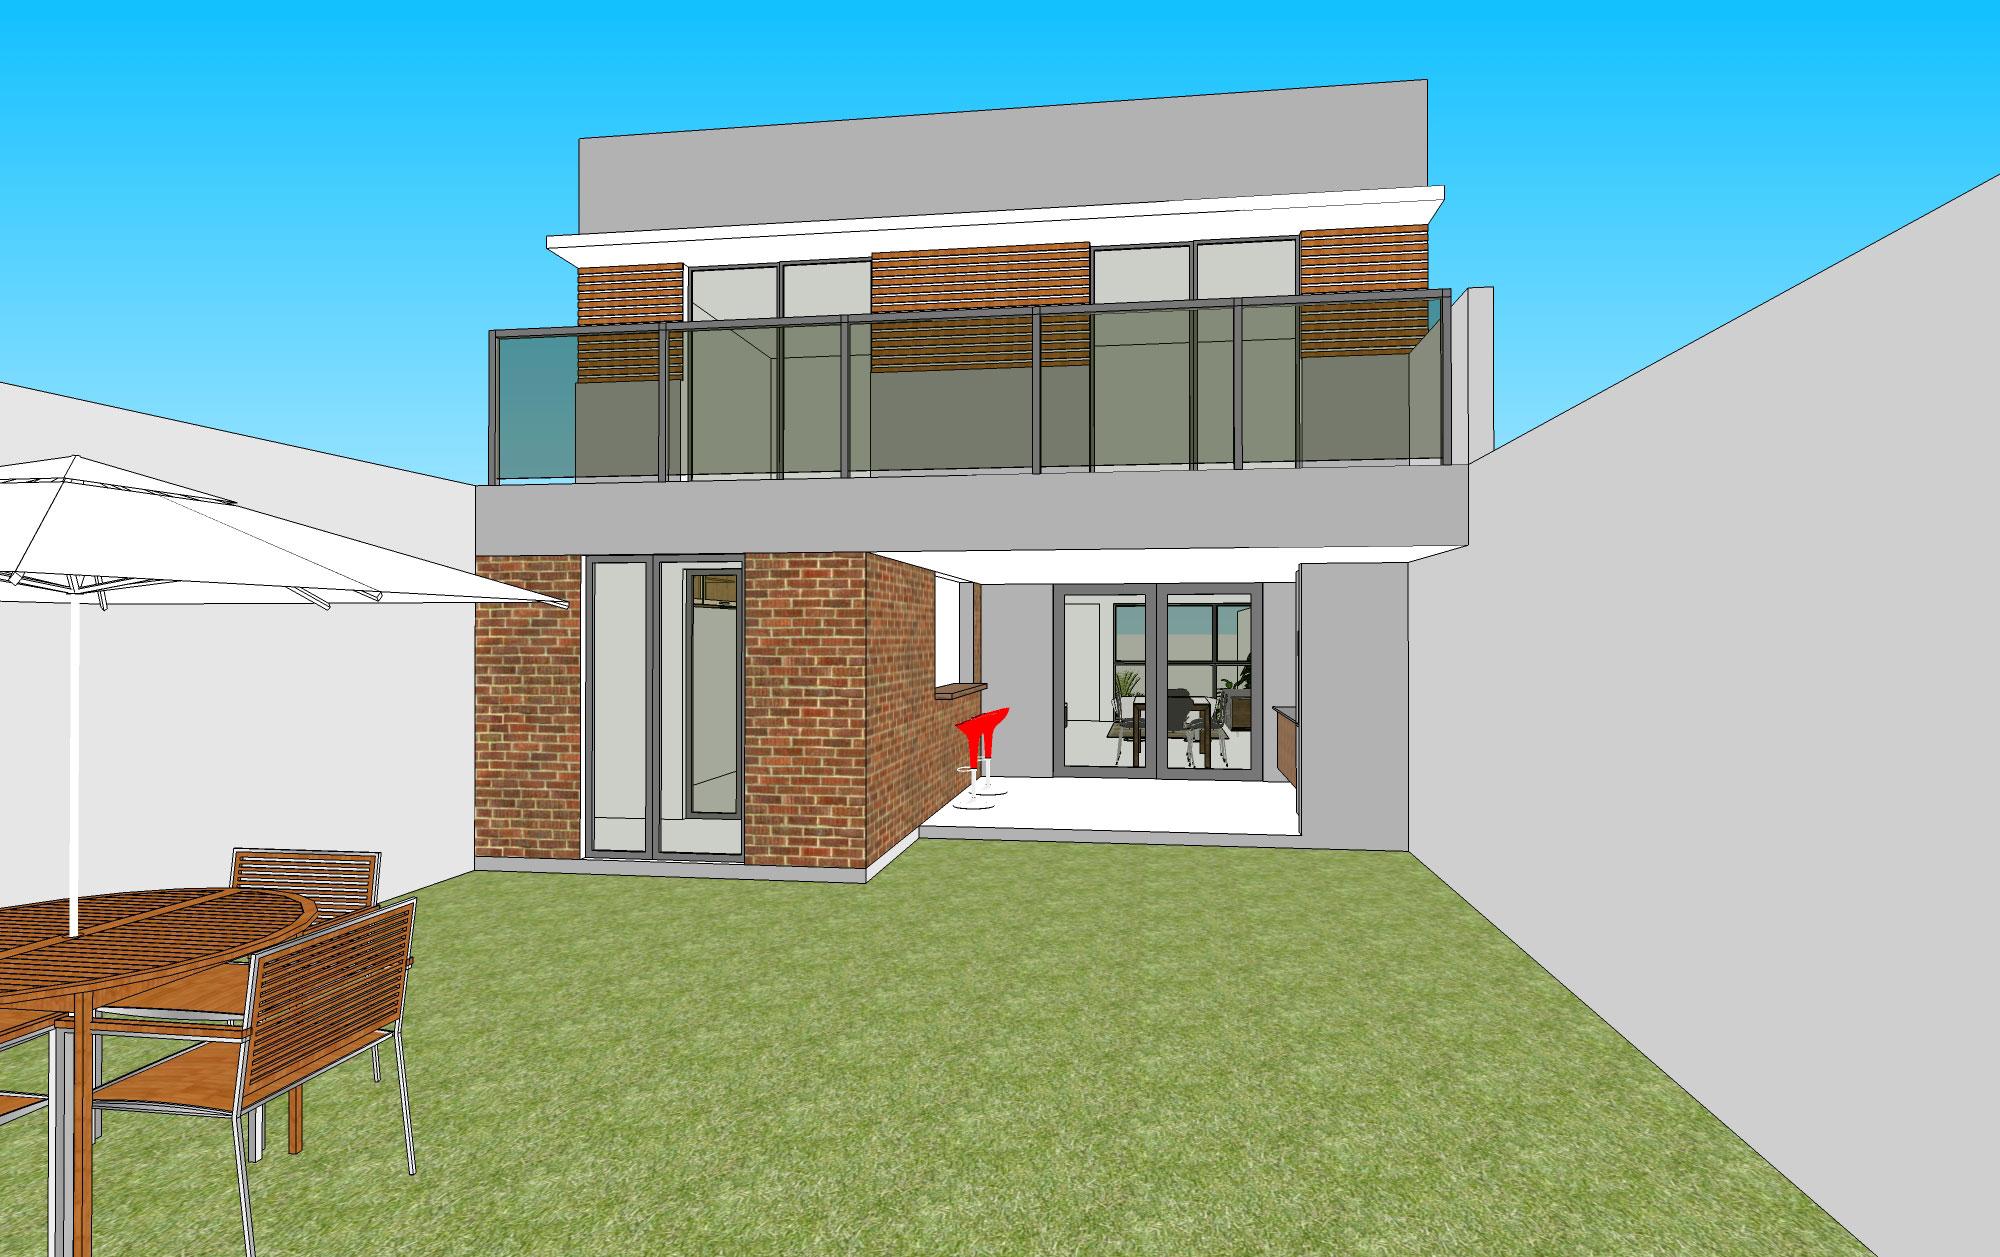 #0096CB Casa em Lote Estreito casaeprojeto 2000x1257 px Projetos De Casas Com Cozinha Nos Fundos #187 imagens